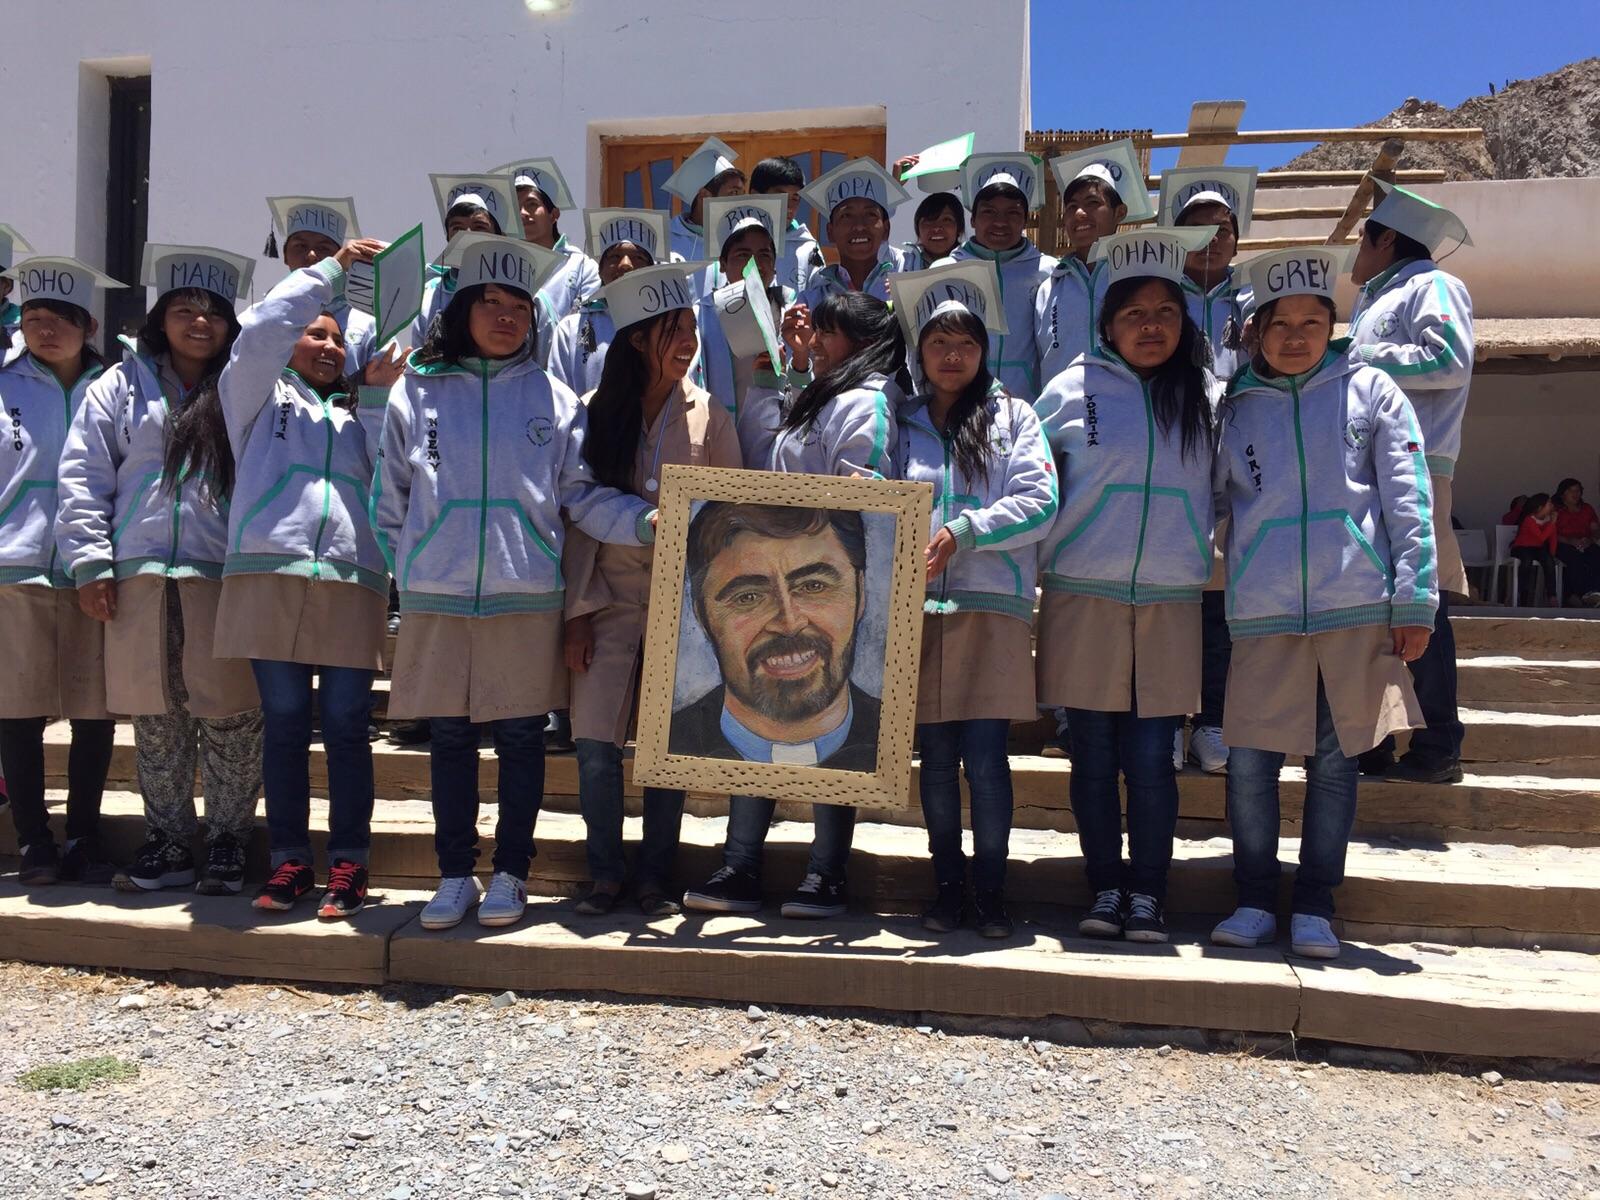 Egresó la segunda promoción de alumnos del Colegio El Alfarcito nº 8214